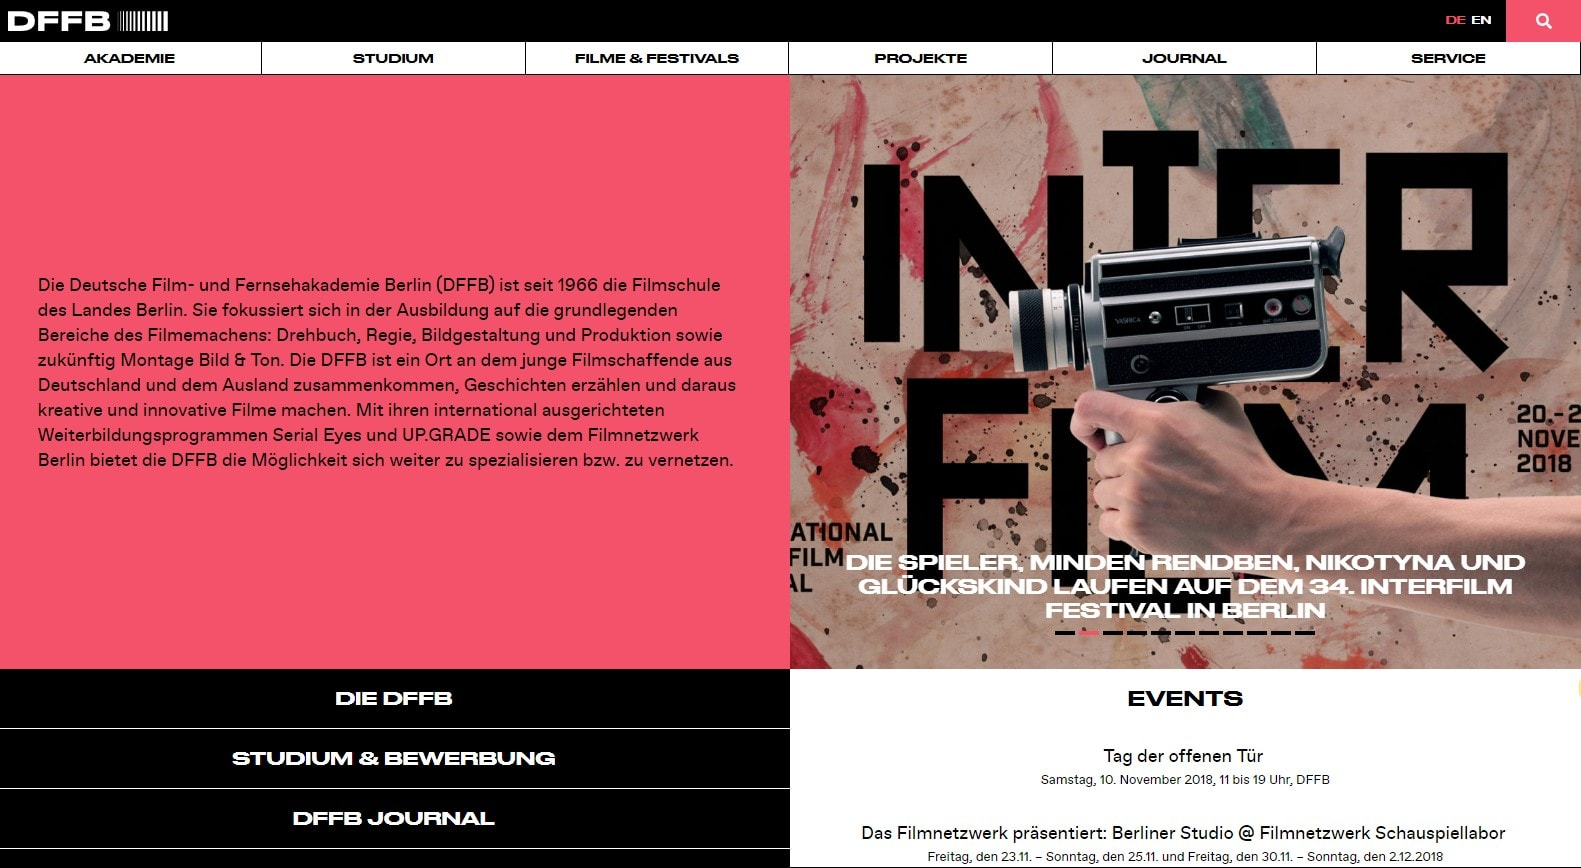 The Deutsche Film und Fernsehakademie Berlin